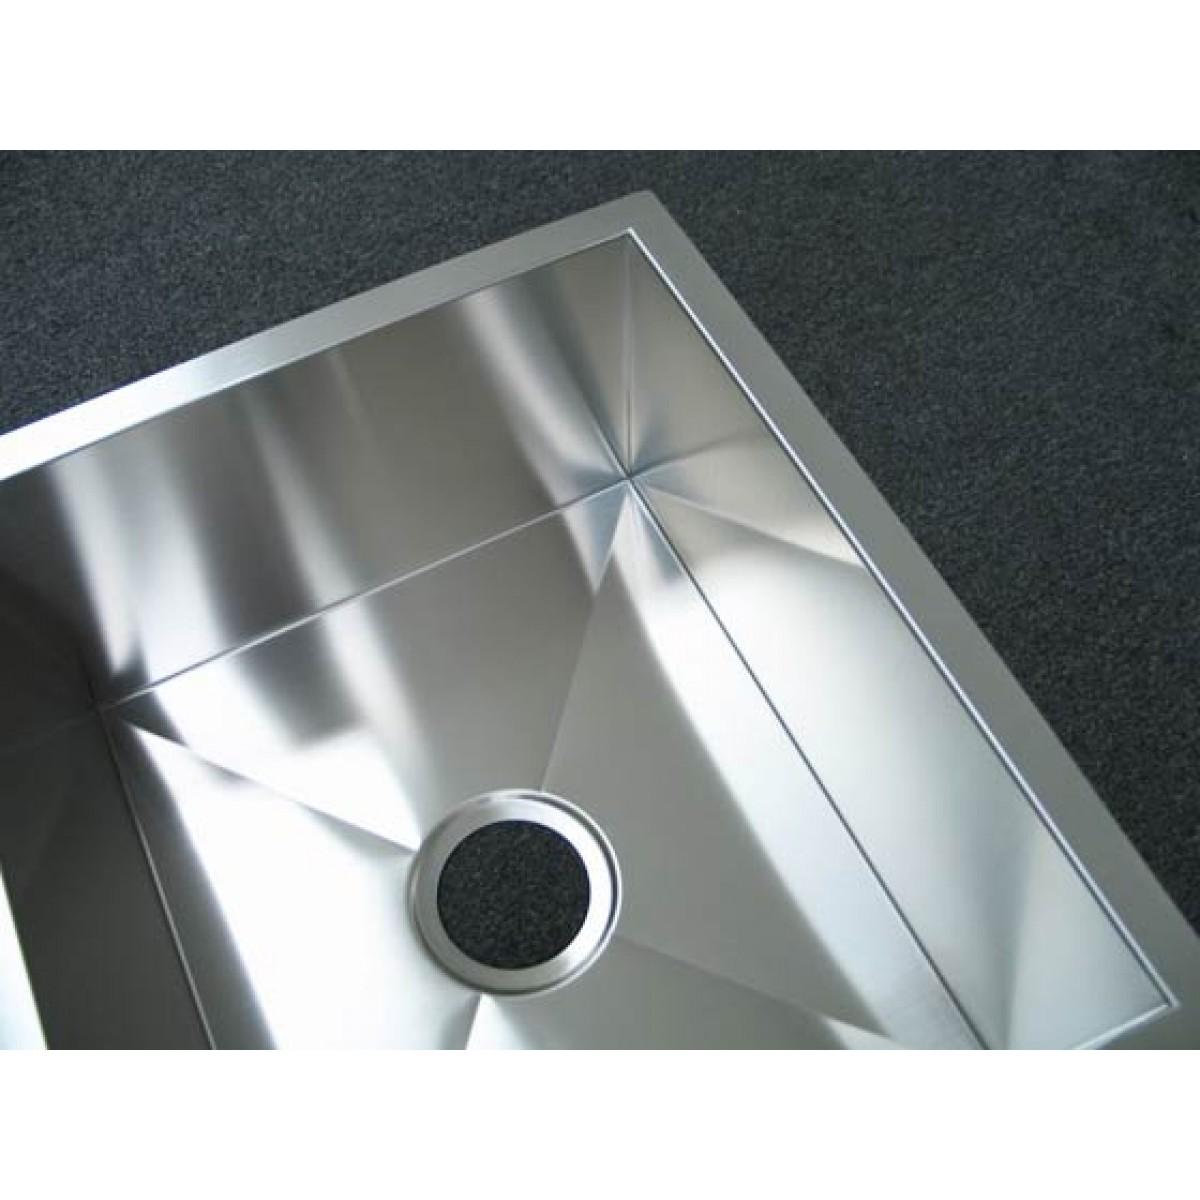 32 Inch Stainless Steel Undermount 40/60 Double Bowl Kitchen Sink Zero  Radius Design